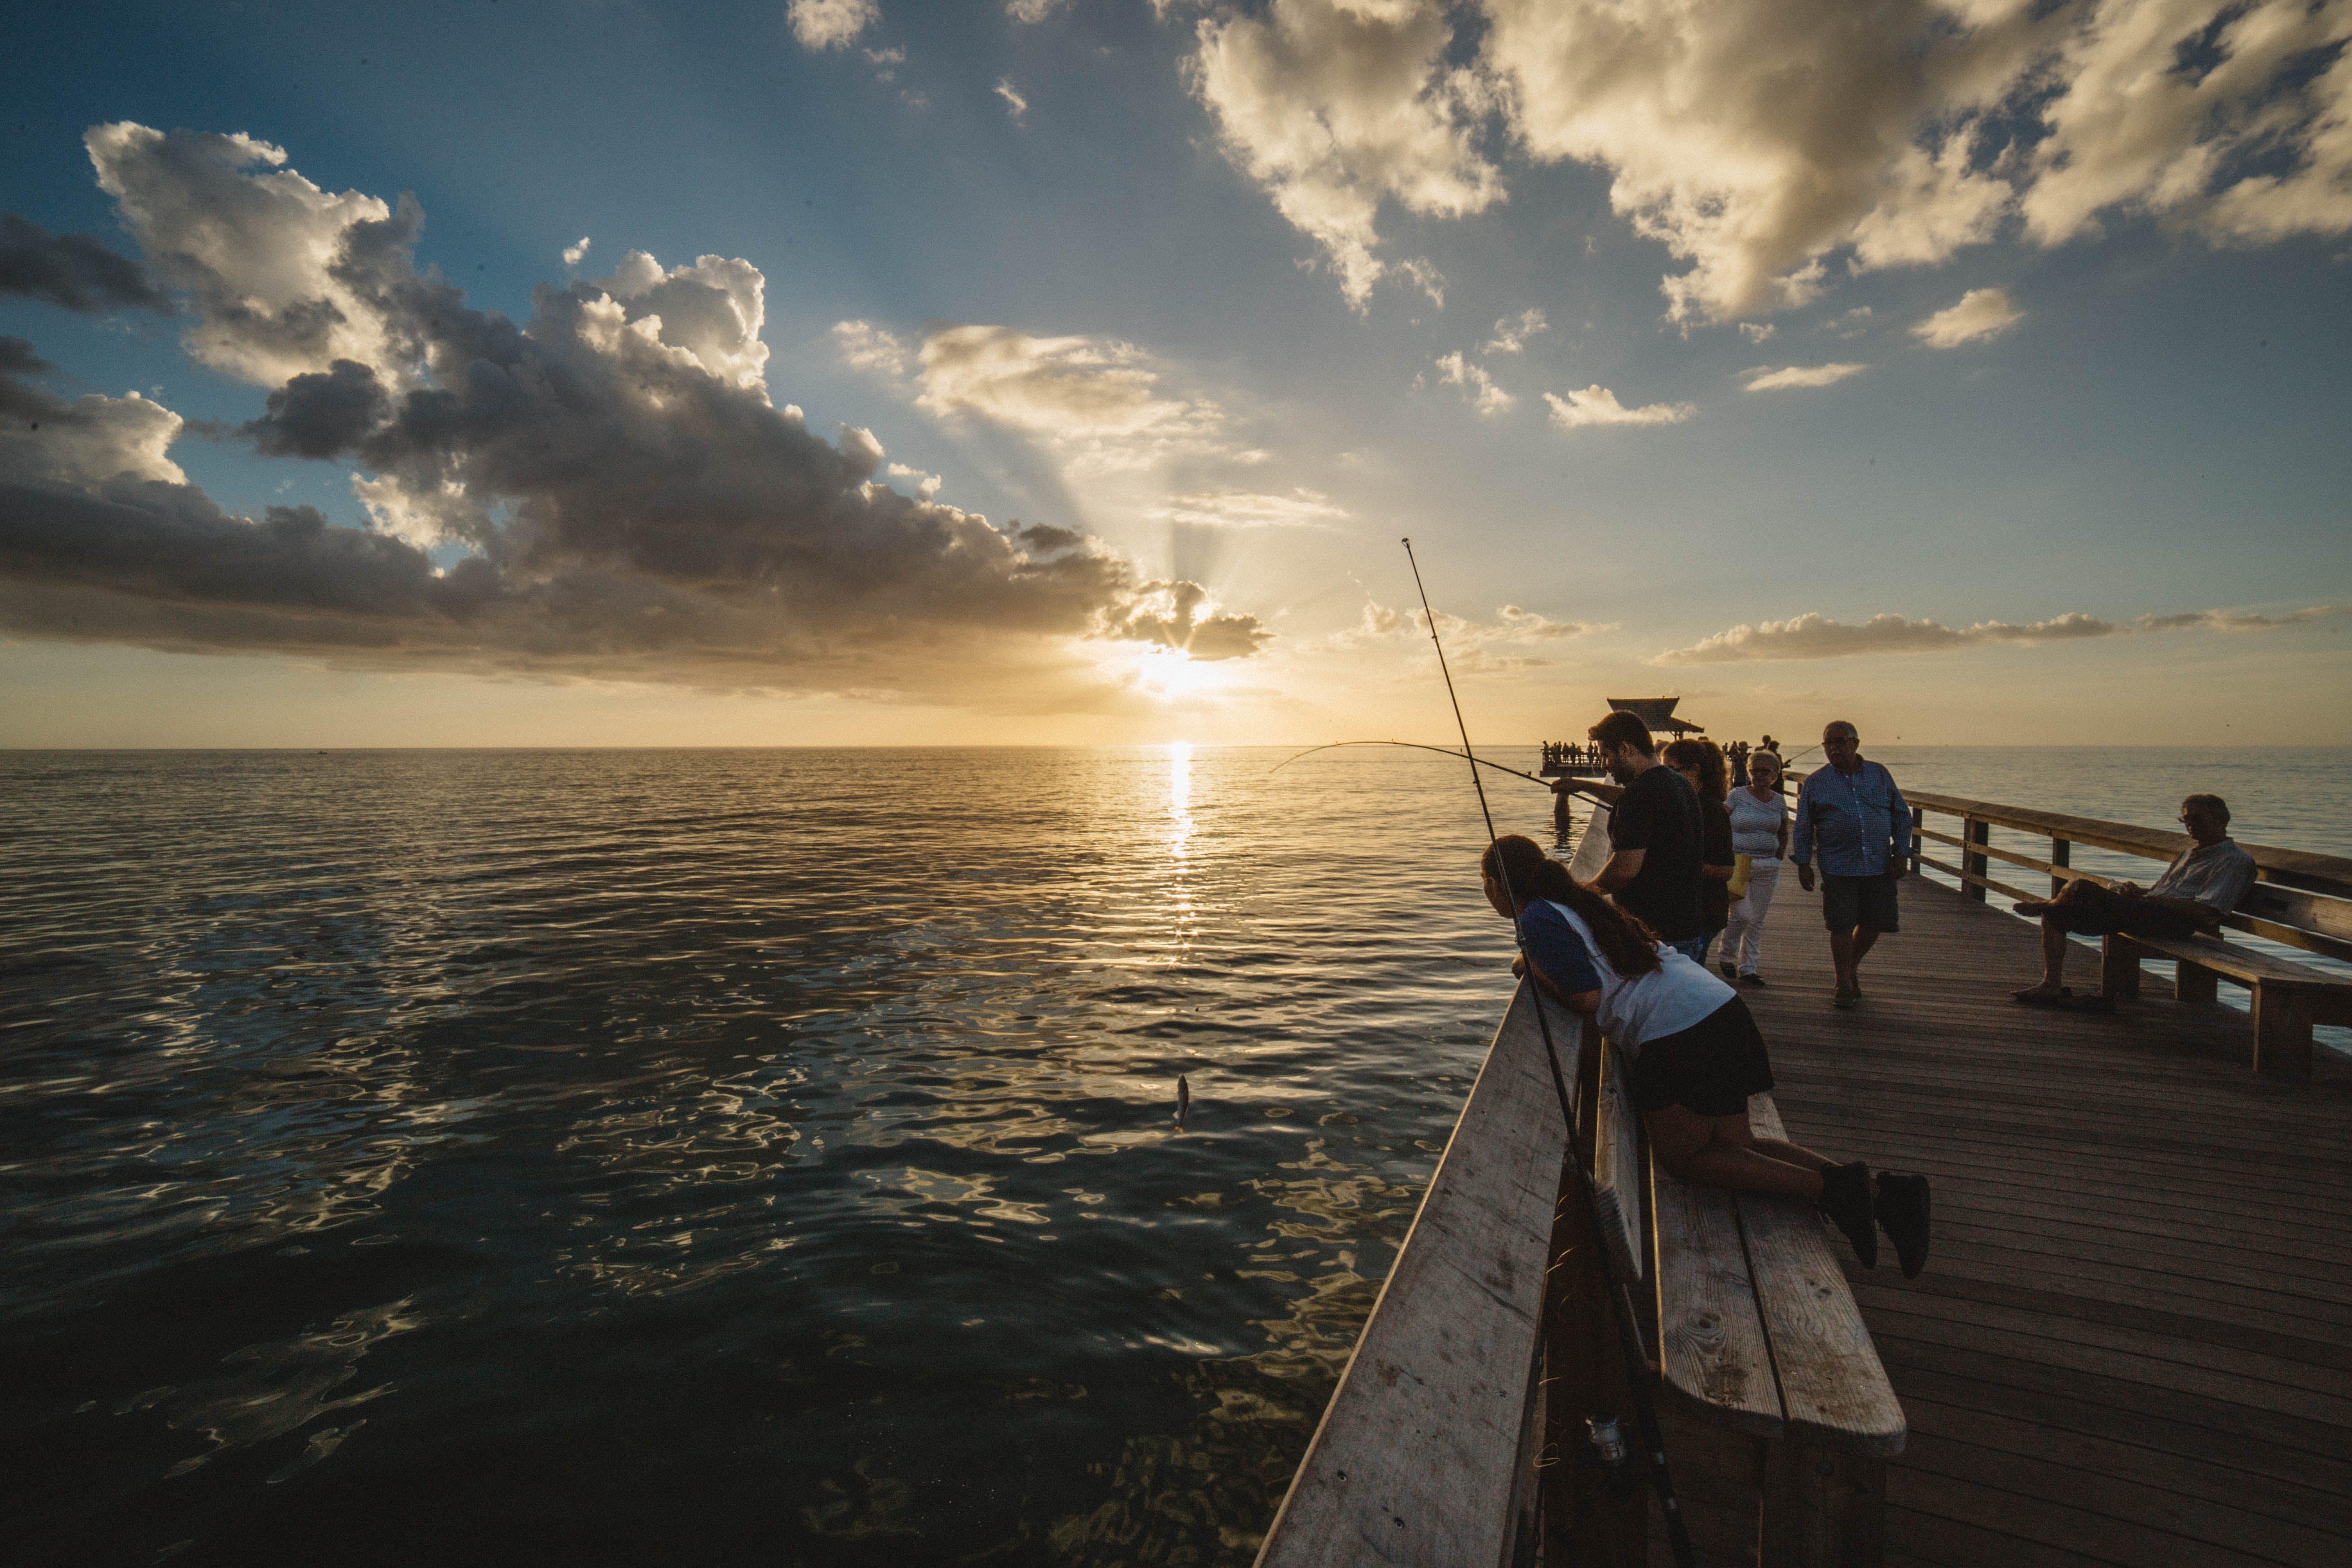 Δωρεάν στοκ φωτογραφιών με αλιεία, Ανατολή ηλίου, Άνθρωποι, αντανάκλαση